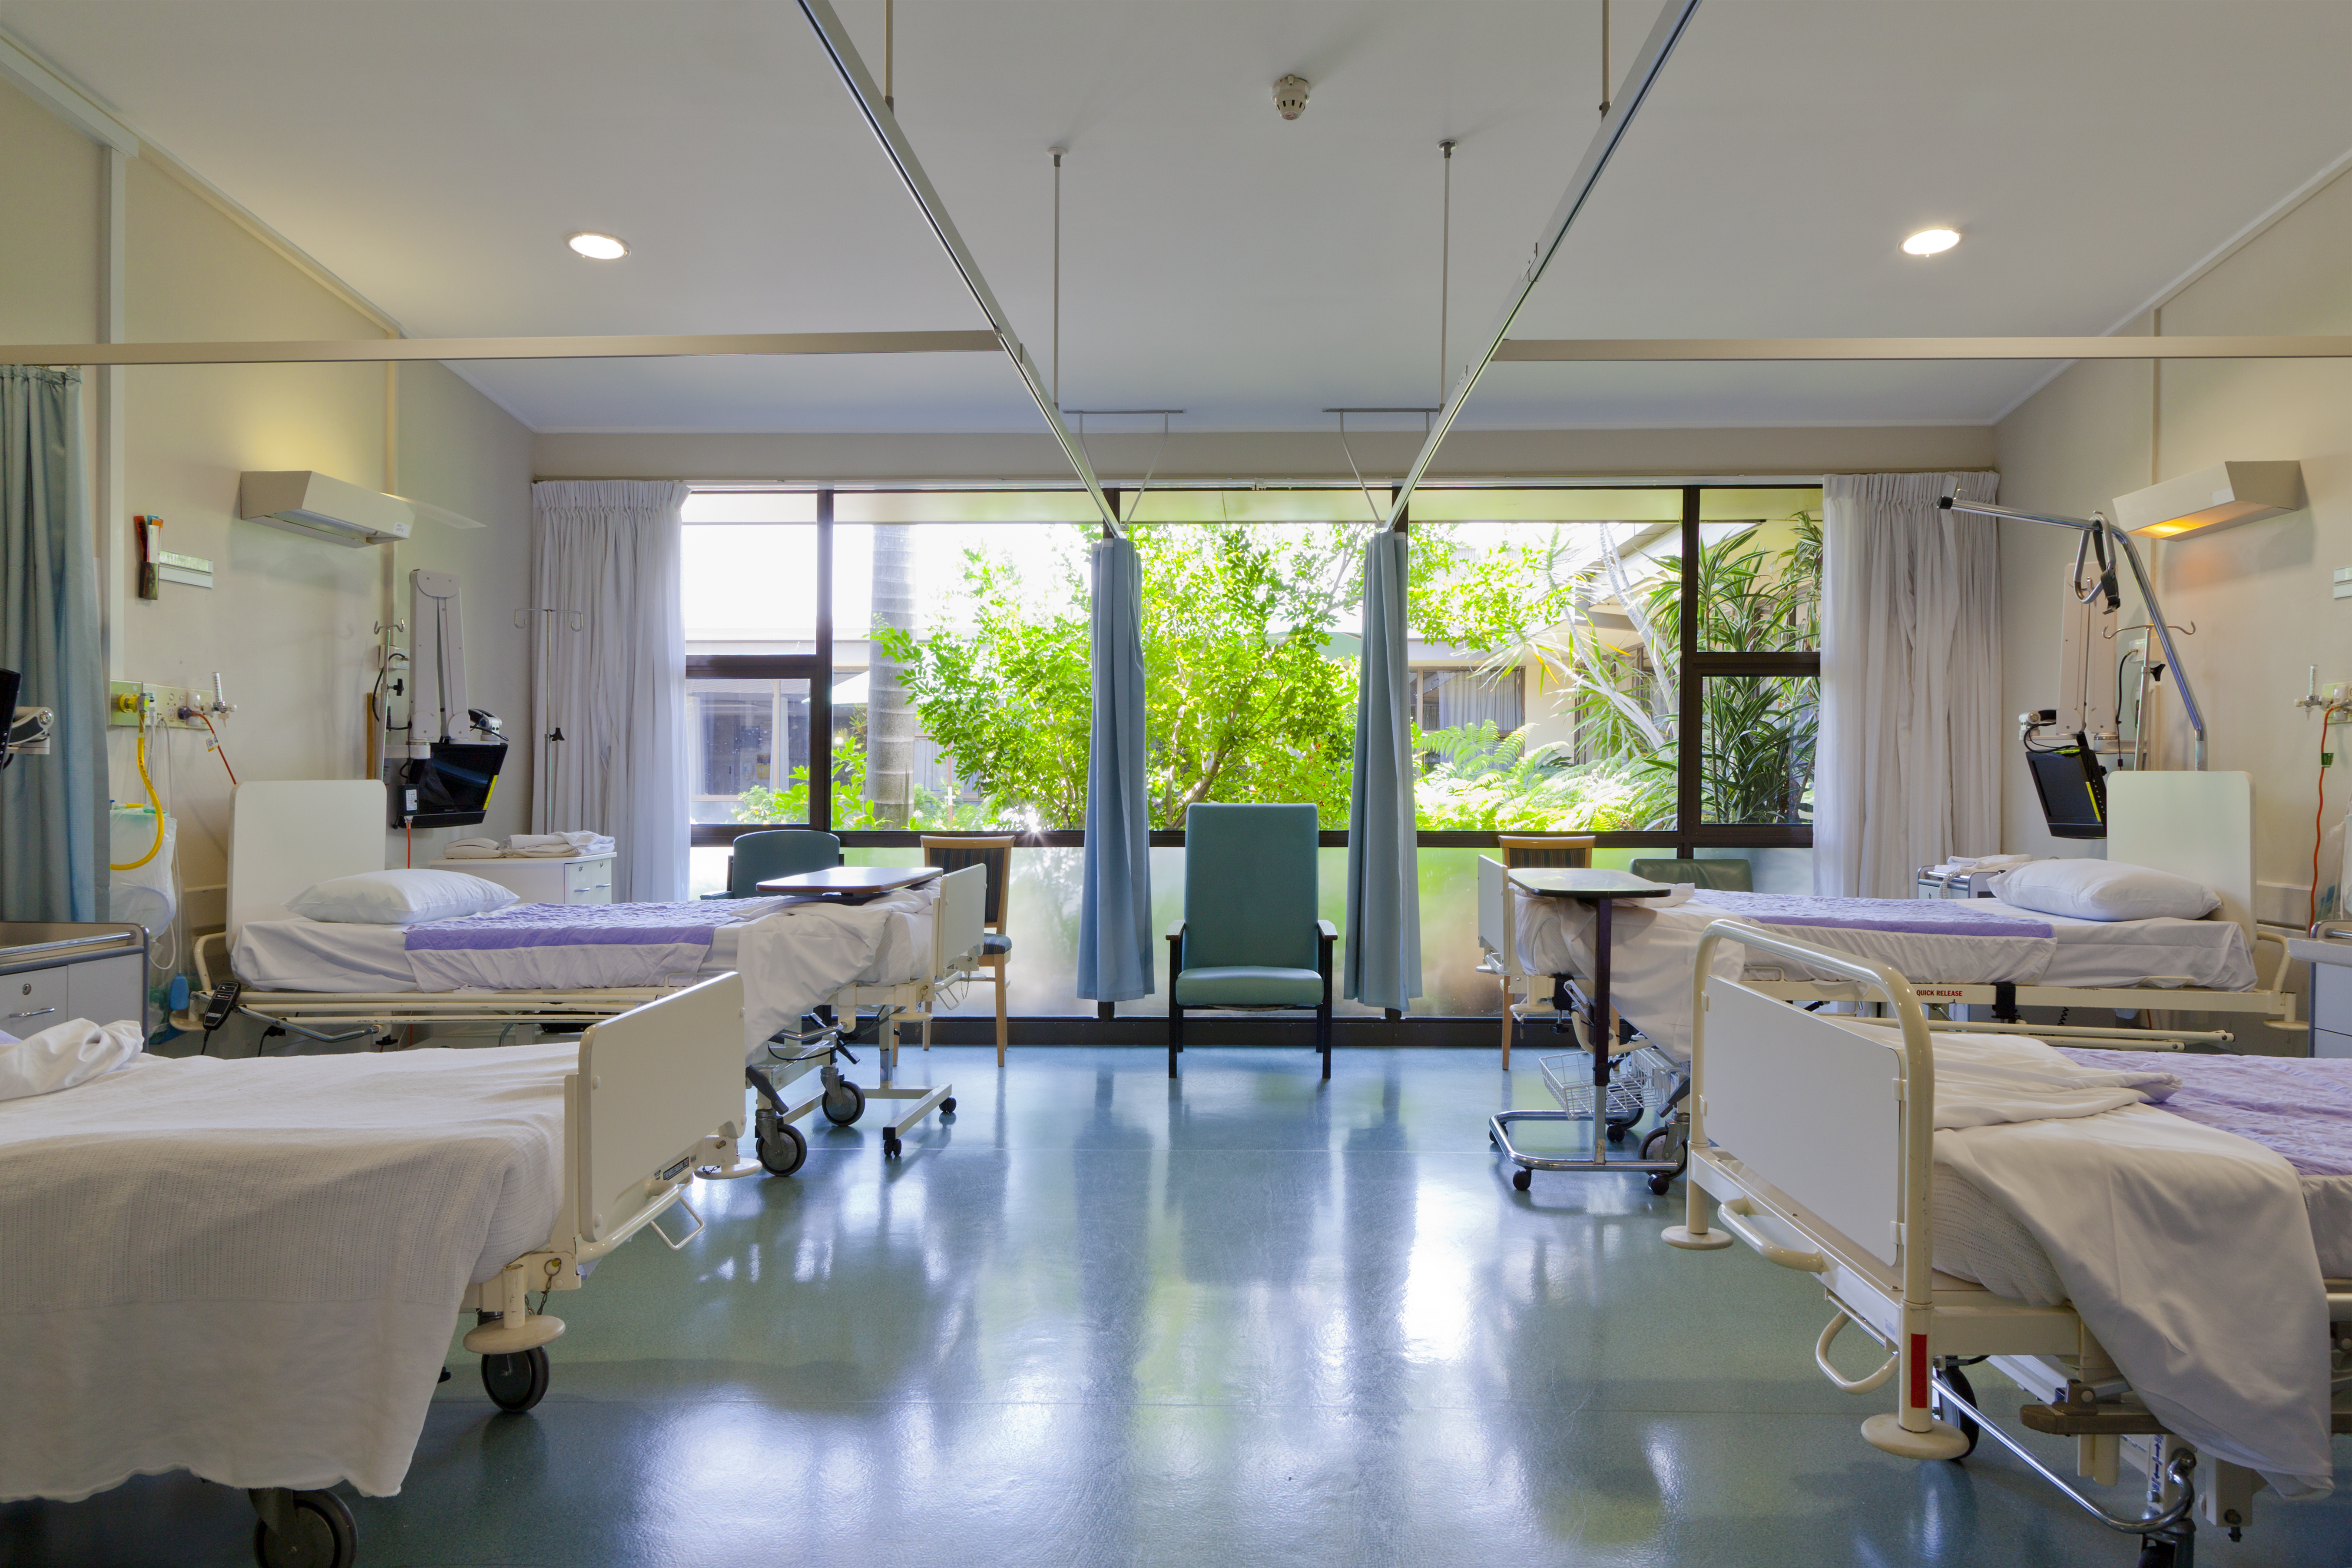 Närmare 5 000 vårdplatser förväntas hålla stängda på landet sjukhus under sommarveckorna, något som skulle kunna hota patientsäkerheten.